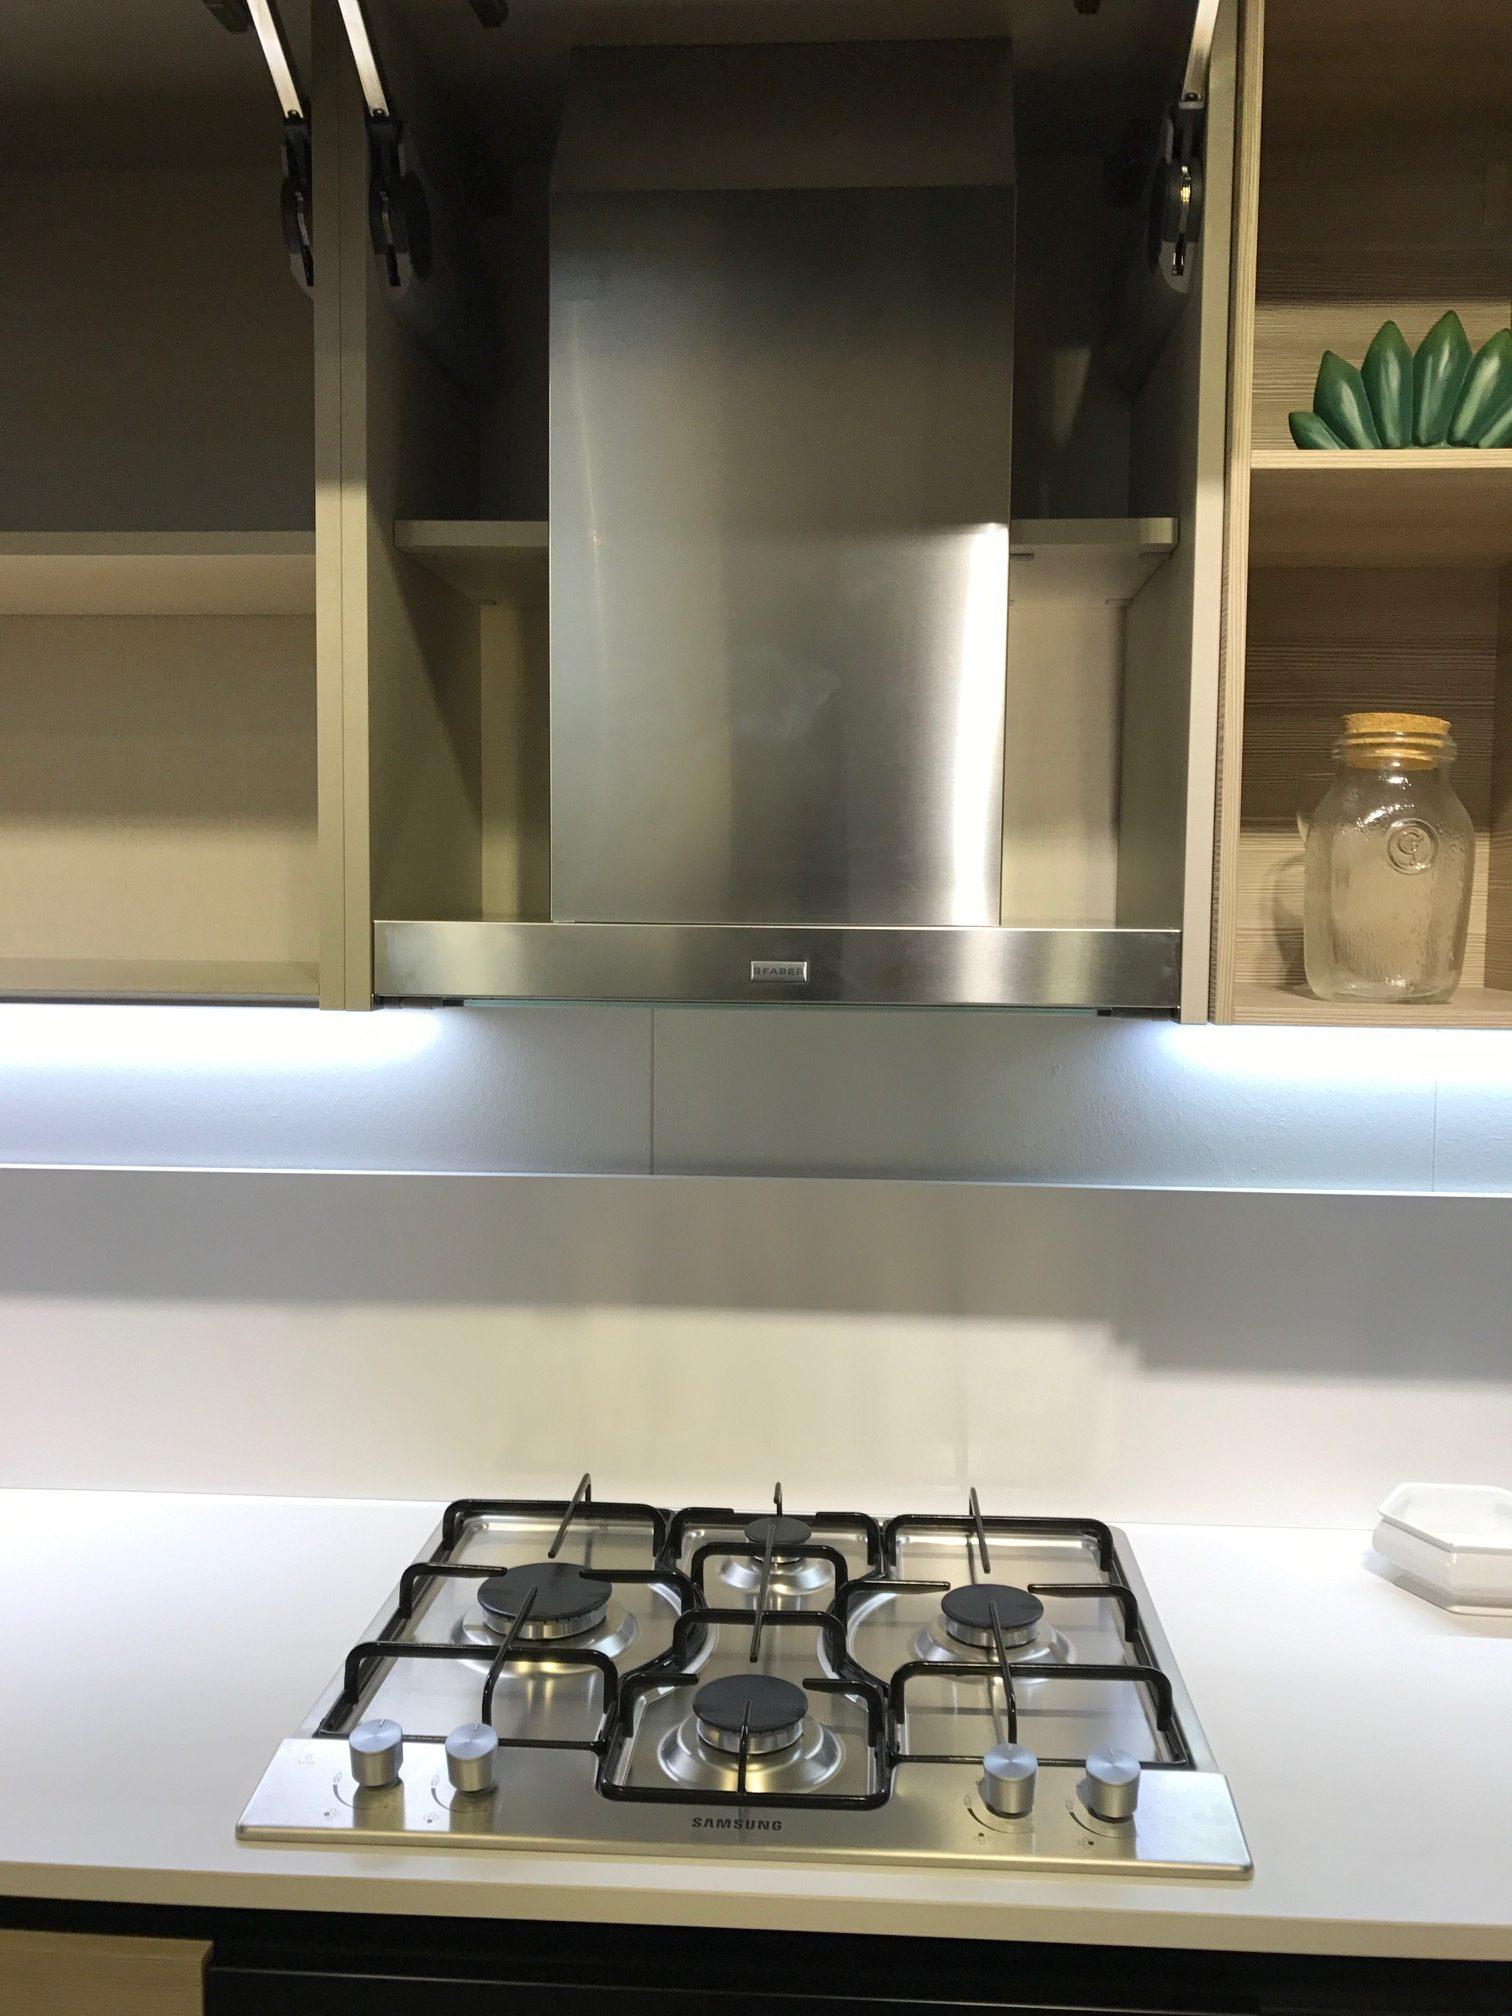 Offerta cucina Scavolini modello Liberamente decorativo e laccato ...